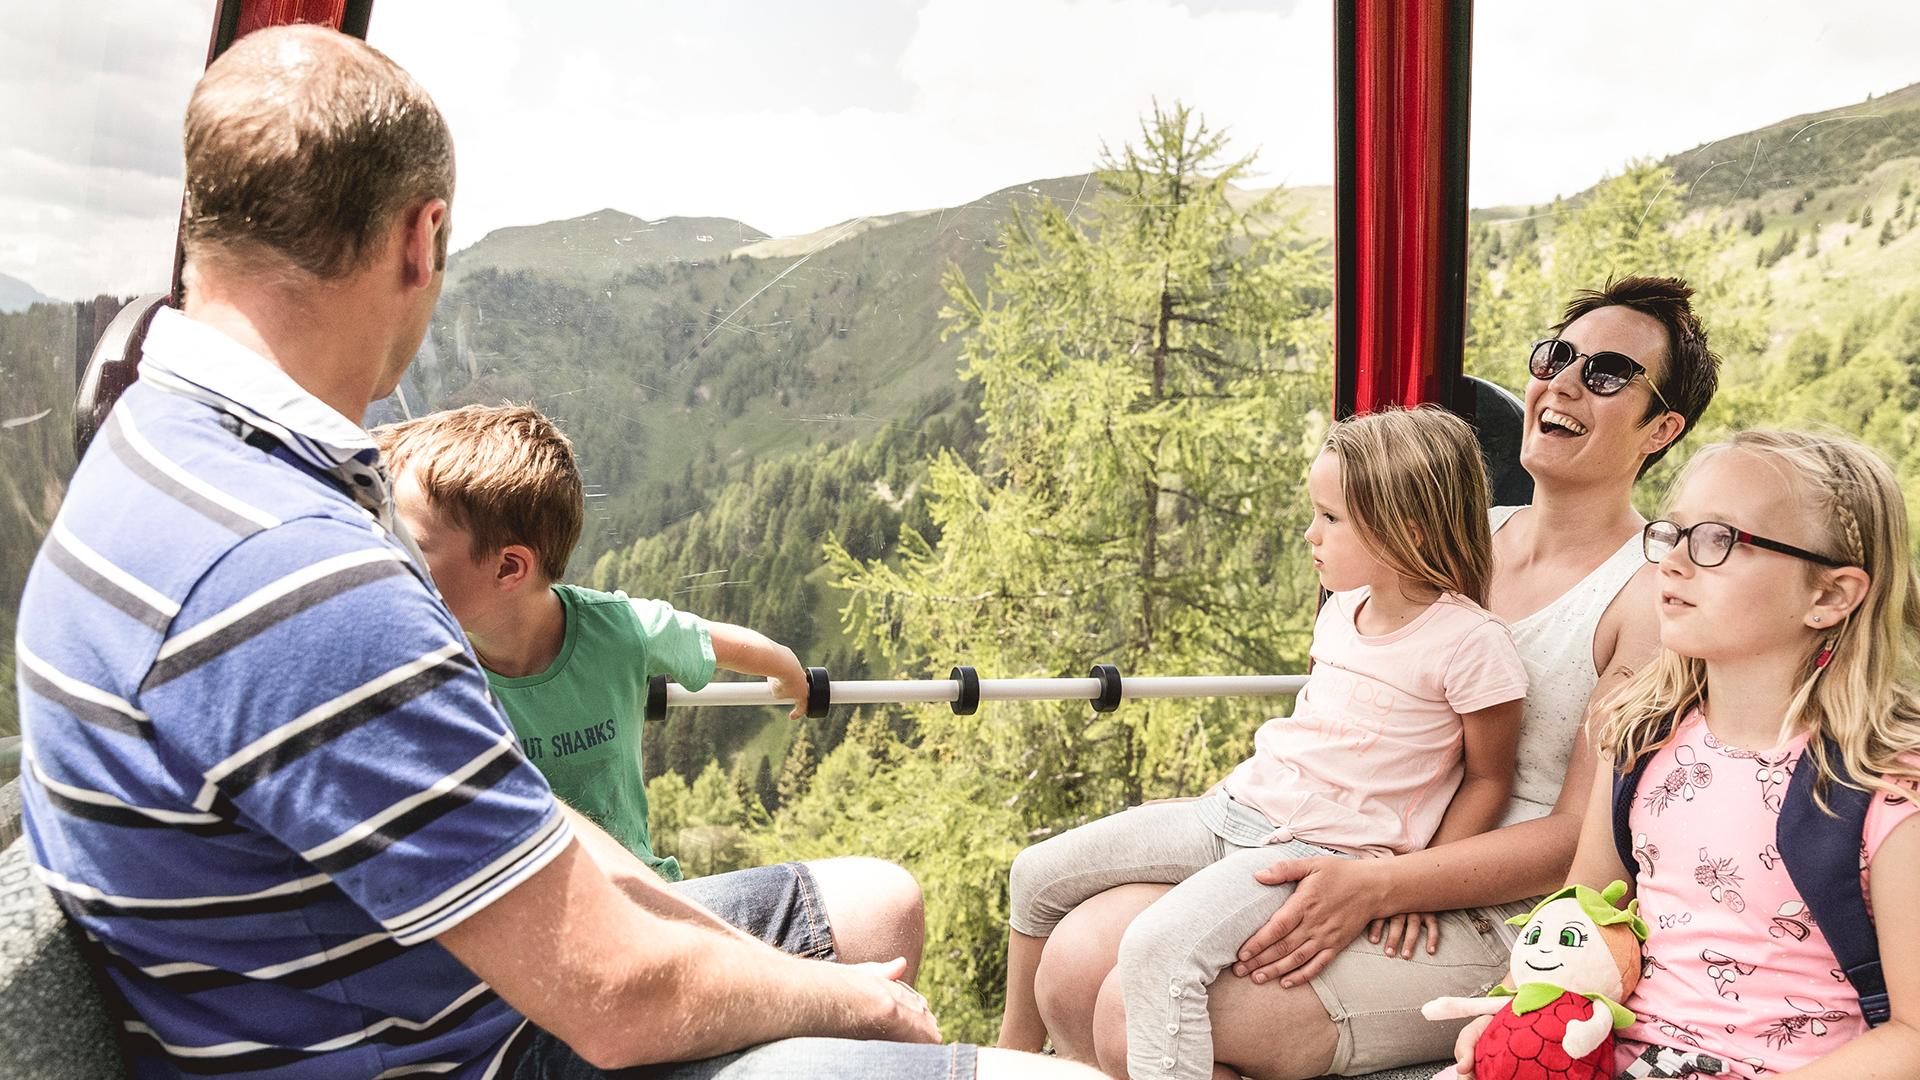 Familie auf Aussichtsplattform in den Bergen